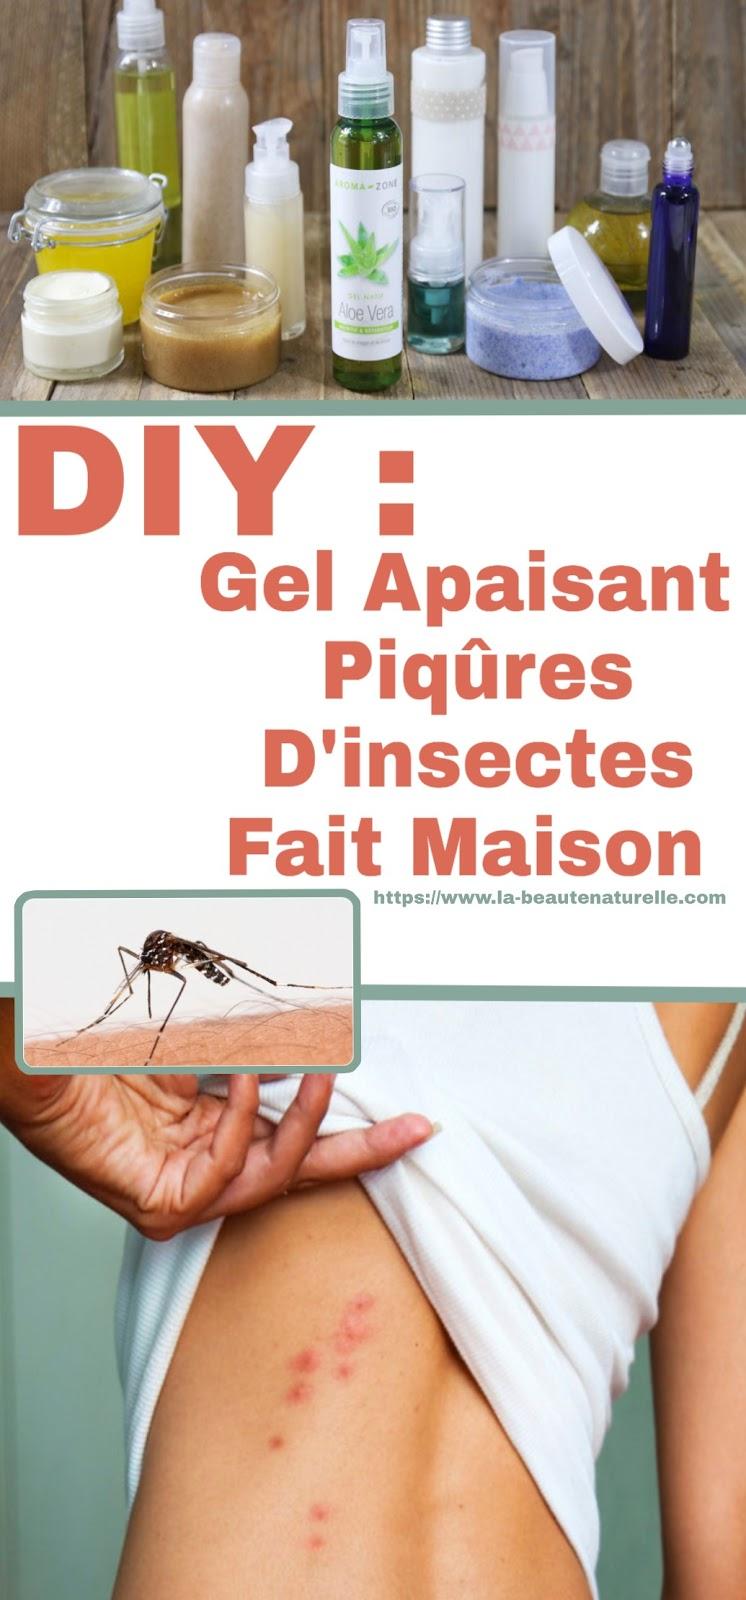 DIY : Gel Apaisant Piqûres D'insectes Fait Maison